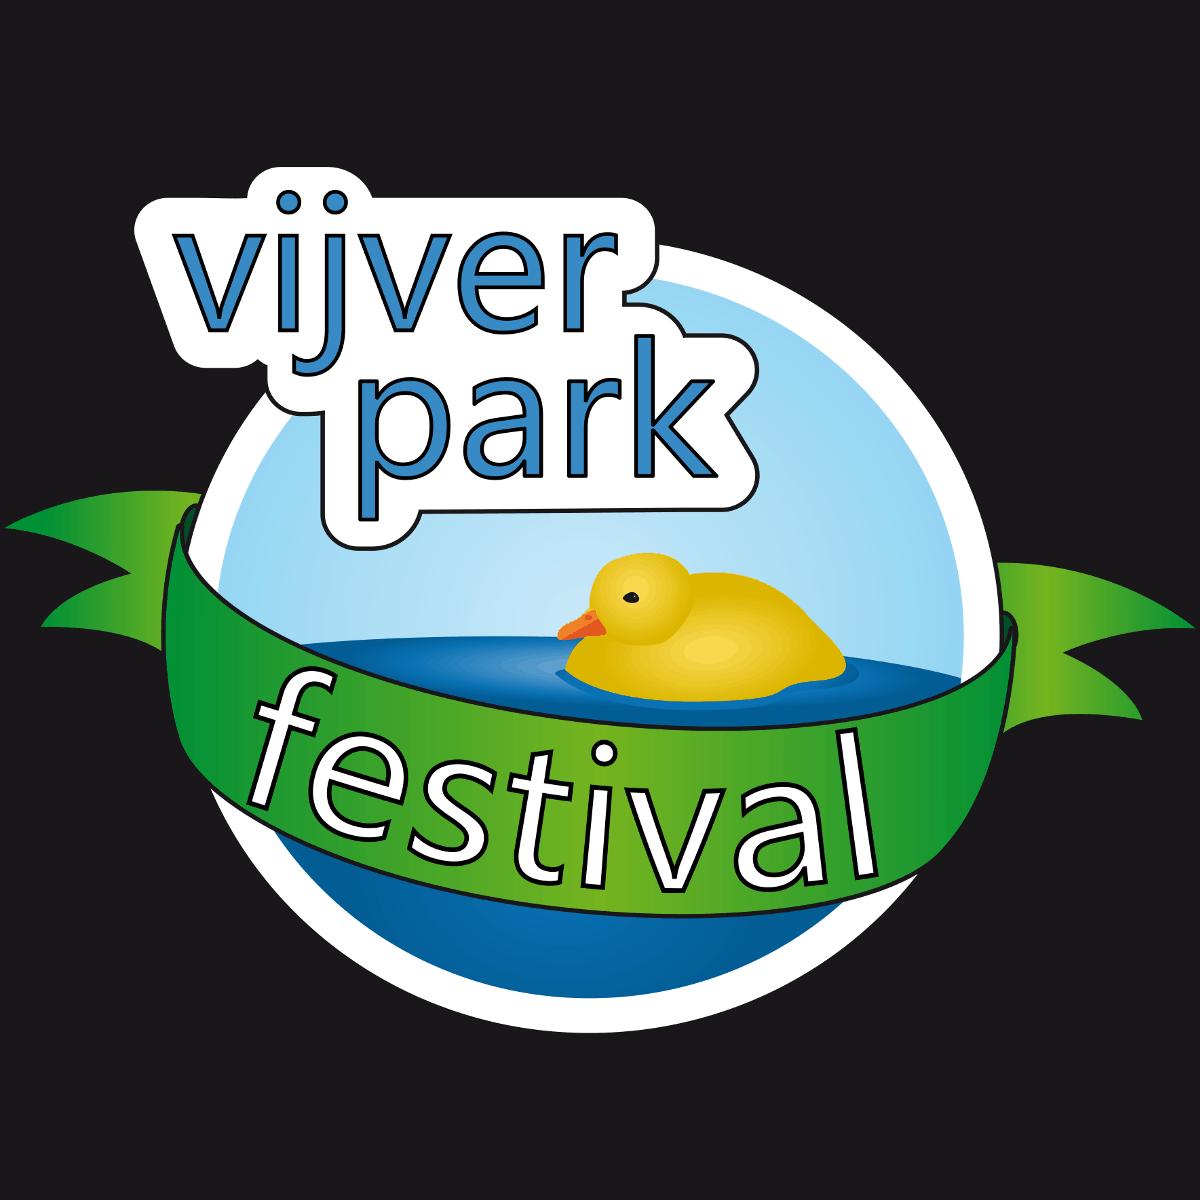 Vijverpark Festival Leeuwarden